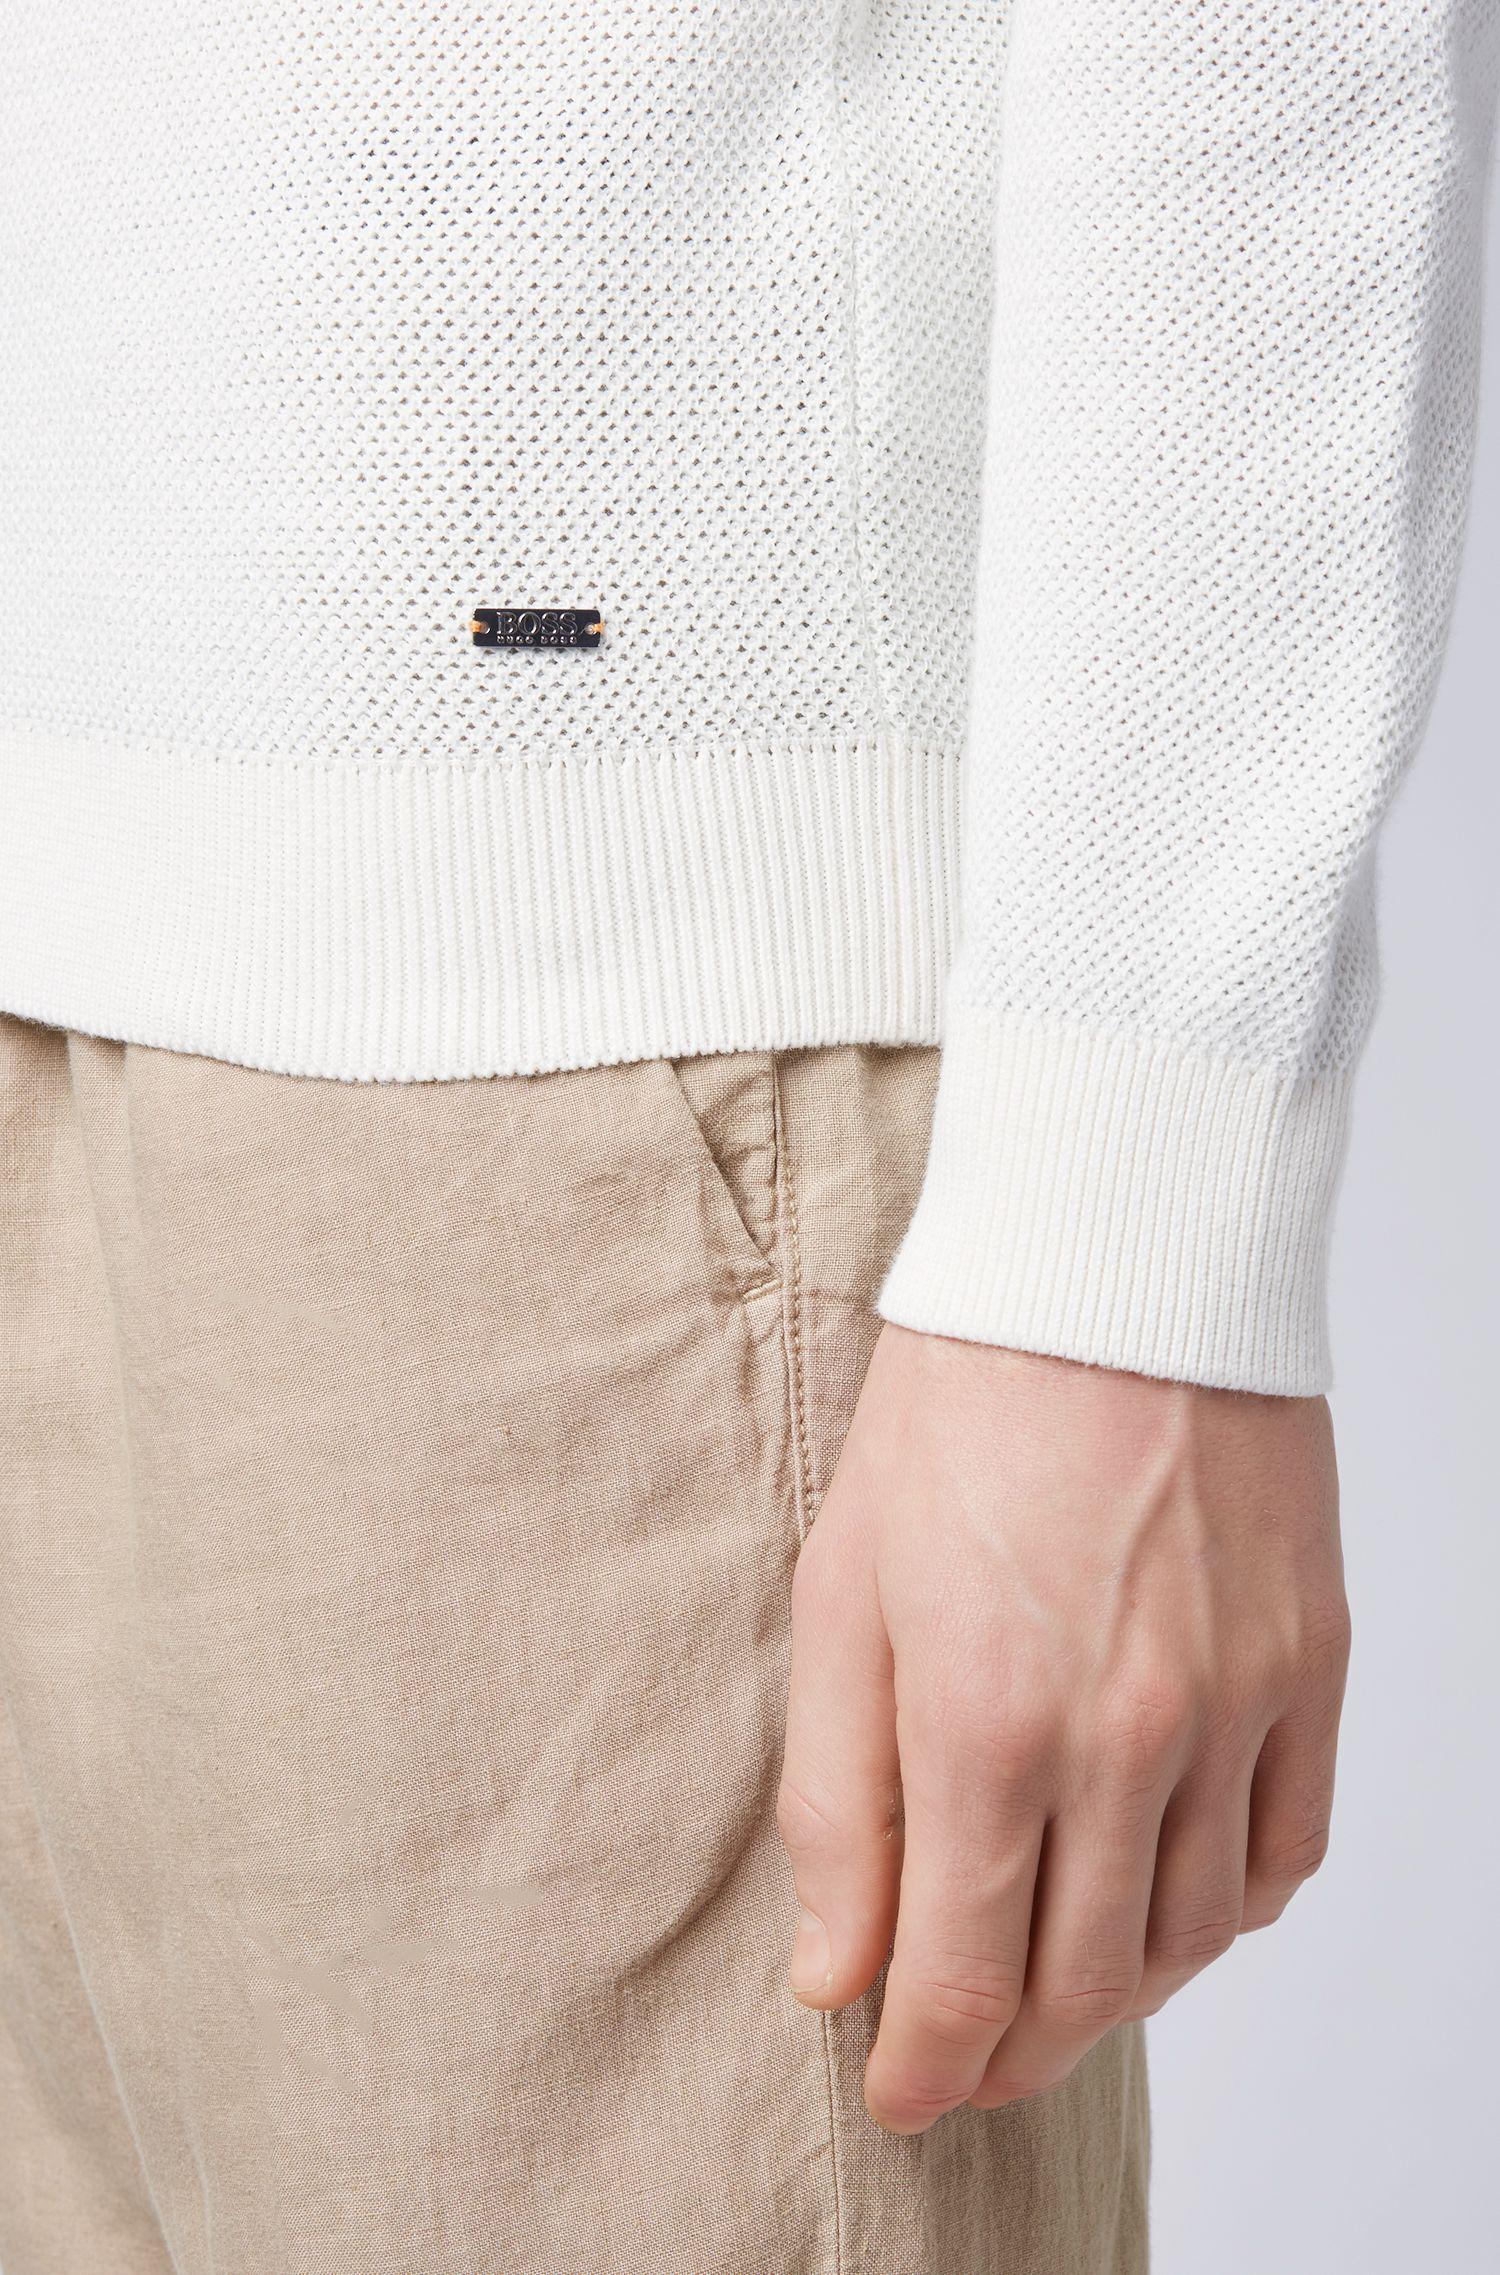 Maglione a girocollo in cotone microstrutturato realizzato in Italia, Bianco